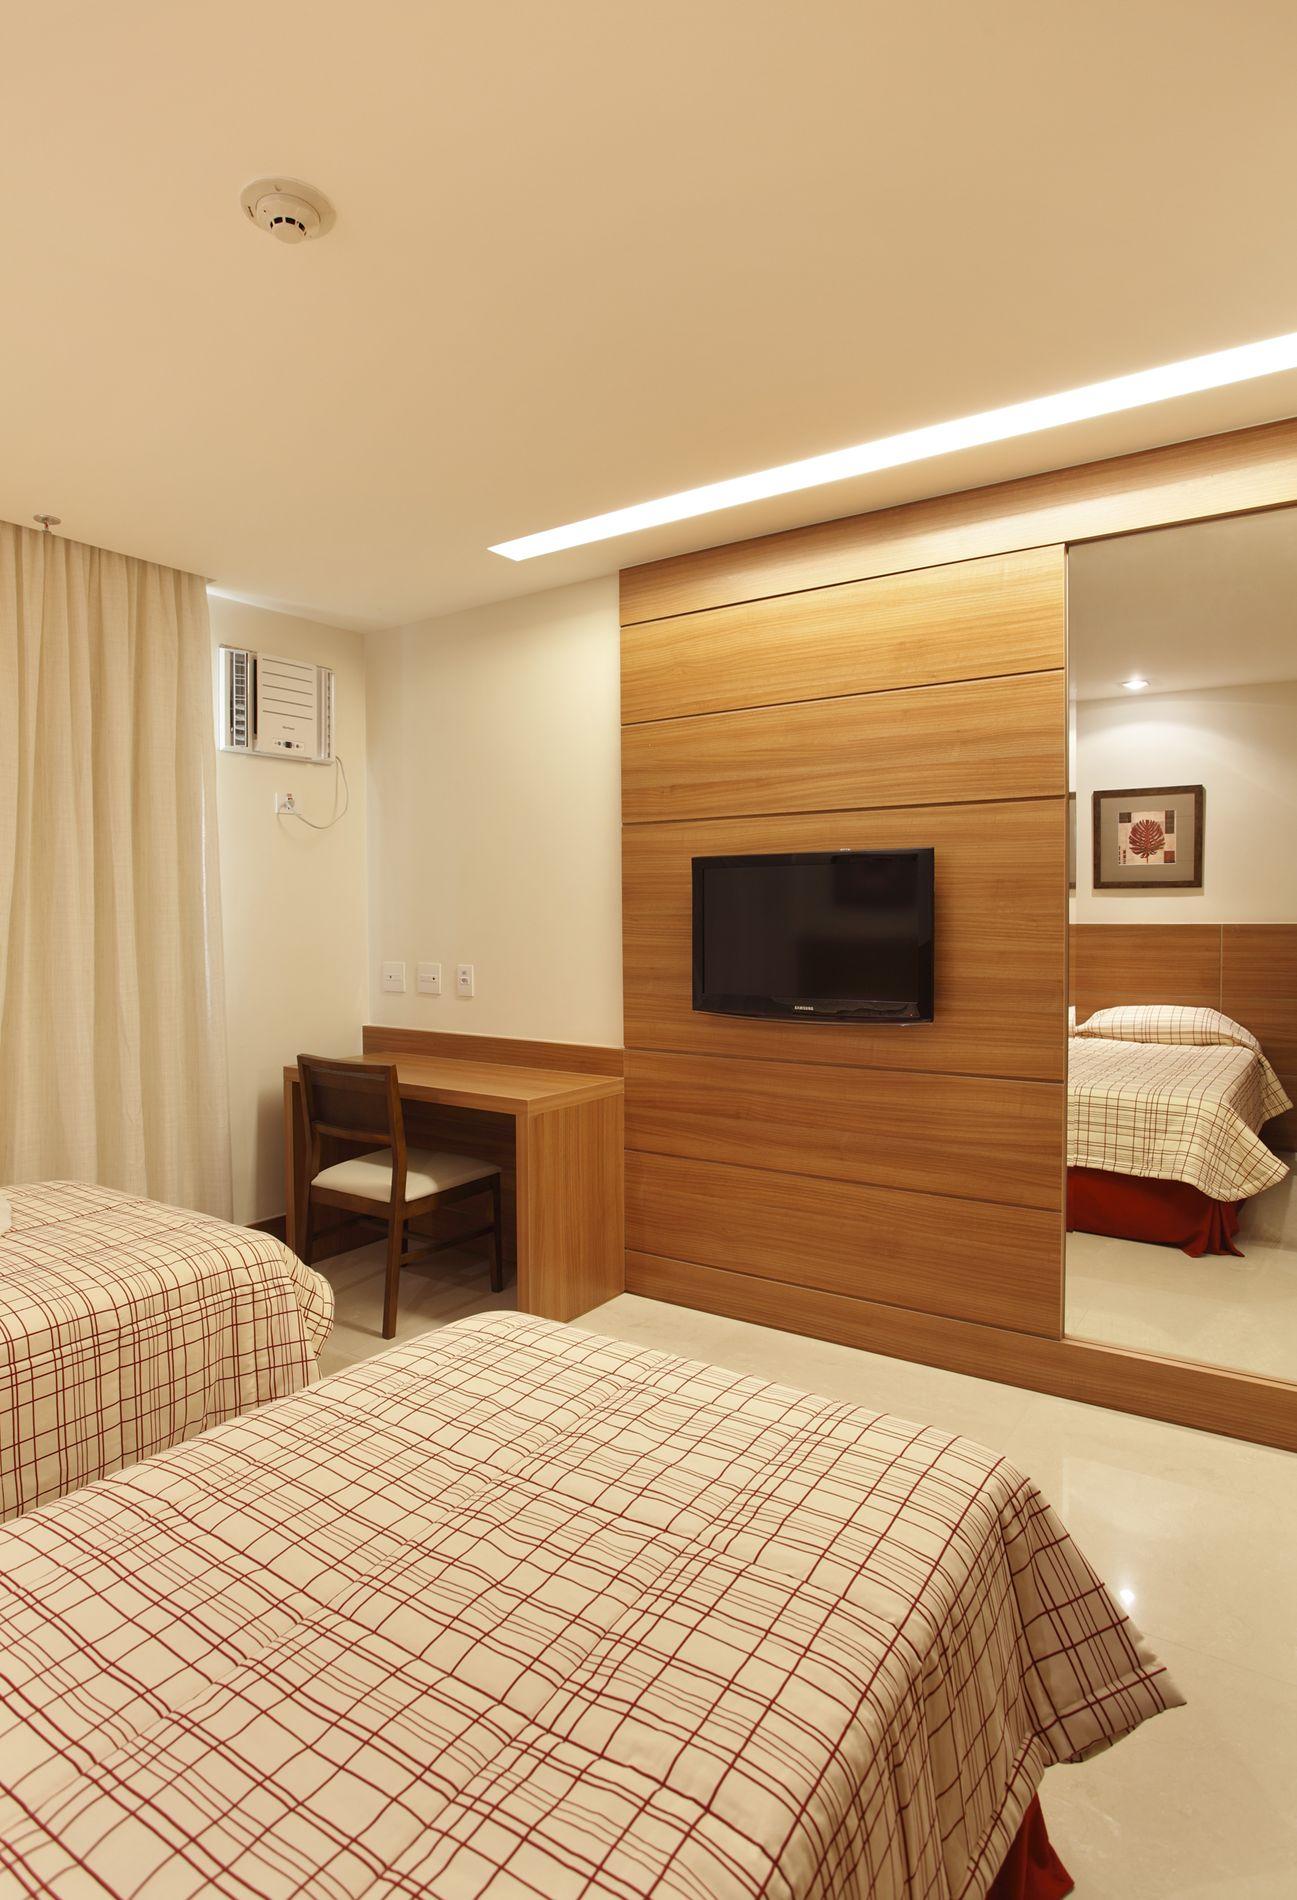 Decoração de Interiores Projeto de Hotelaria Hotel Granada #824921 1297 1900